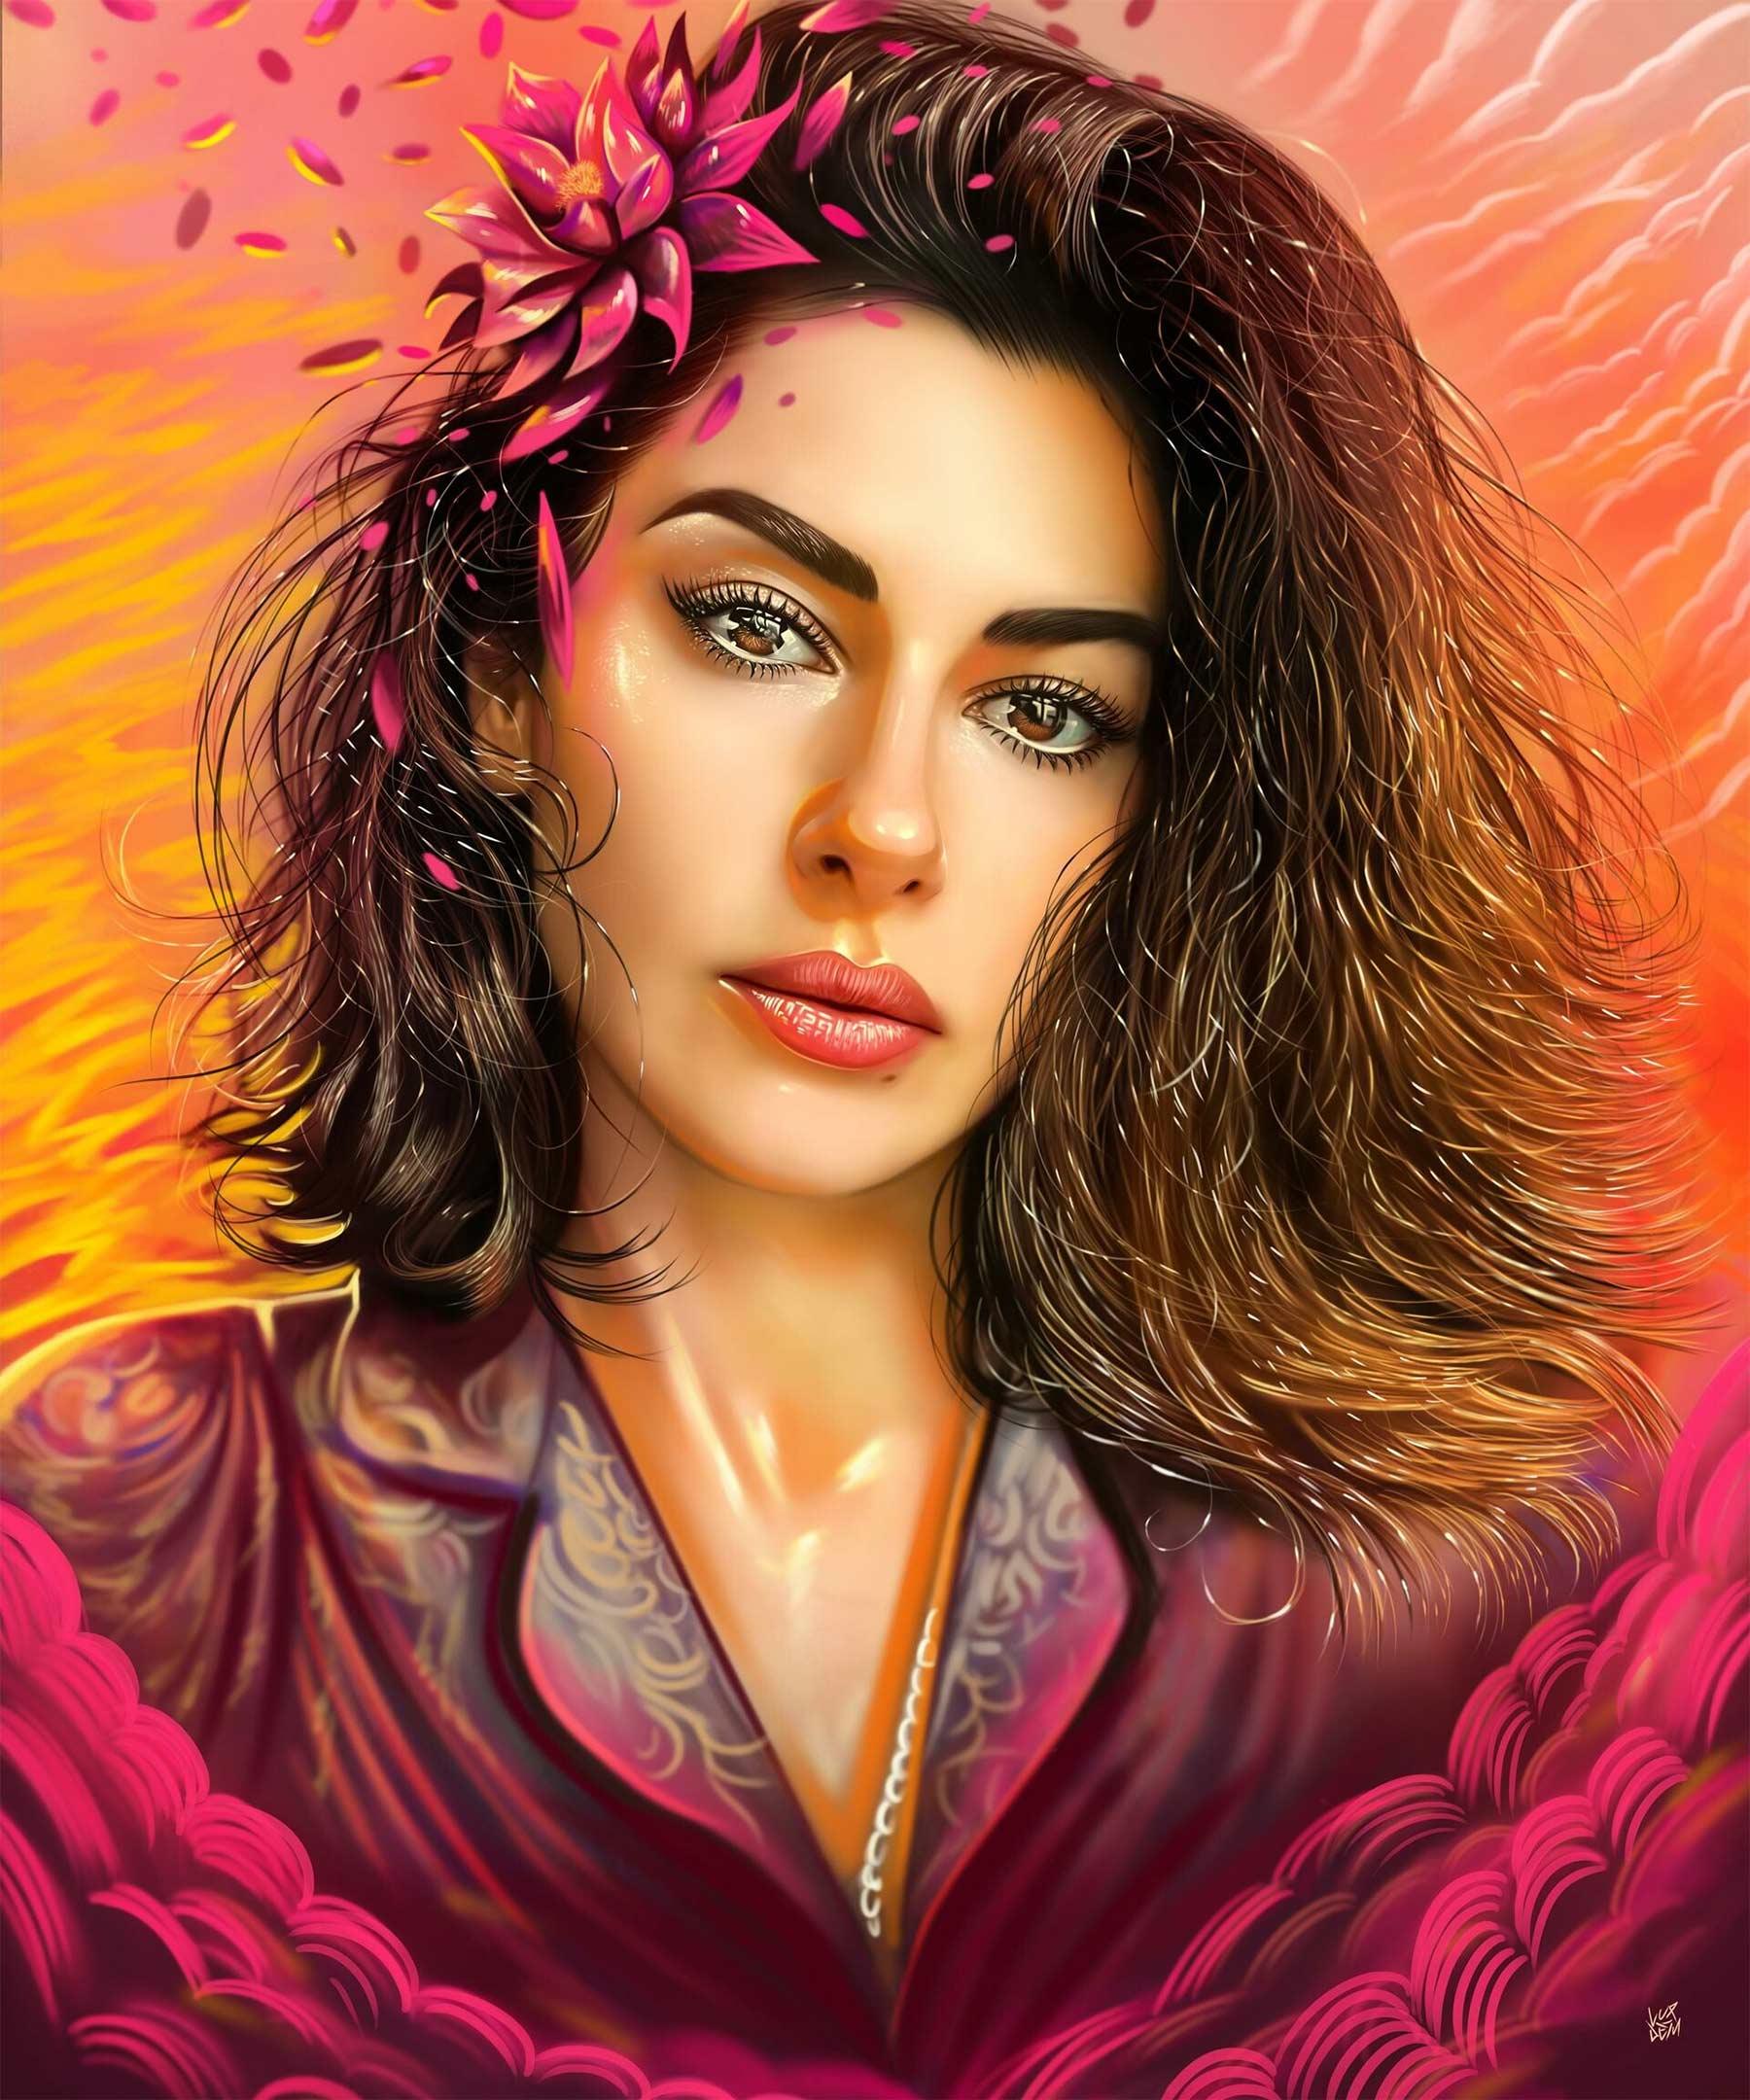 Digital Paintings von Yasar Vurdem Yasar-Vurdem-digital-paintings_08